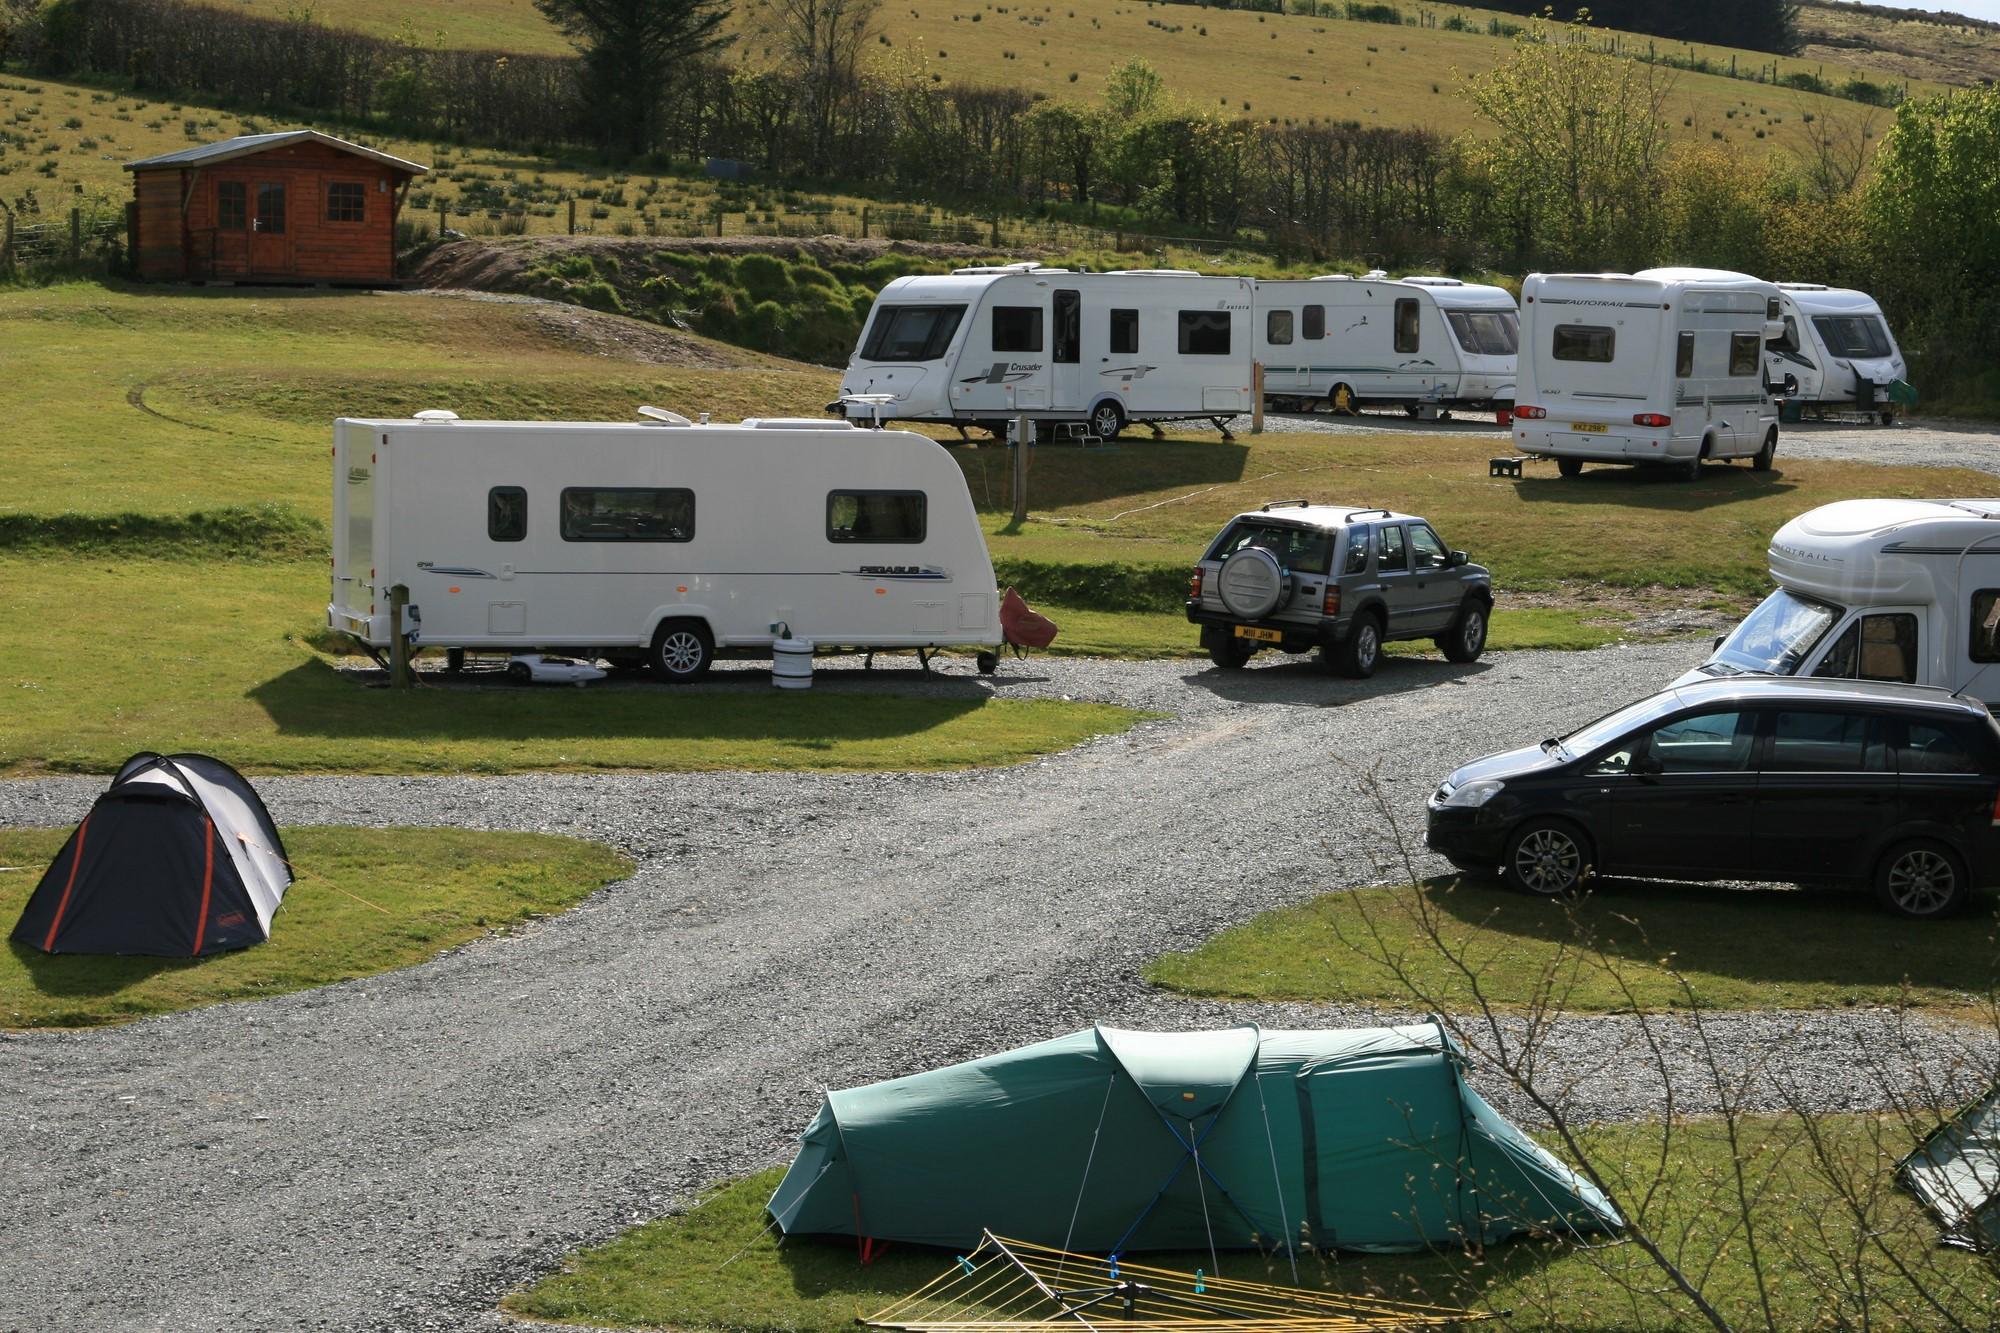 Strandhill Caravan and Camping Park, Sligo - TripAdvisor